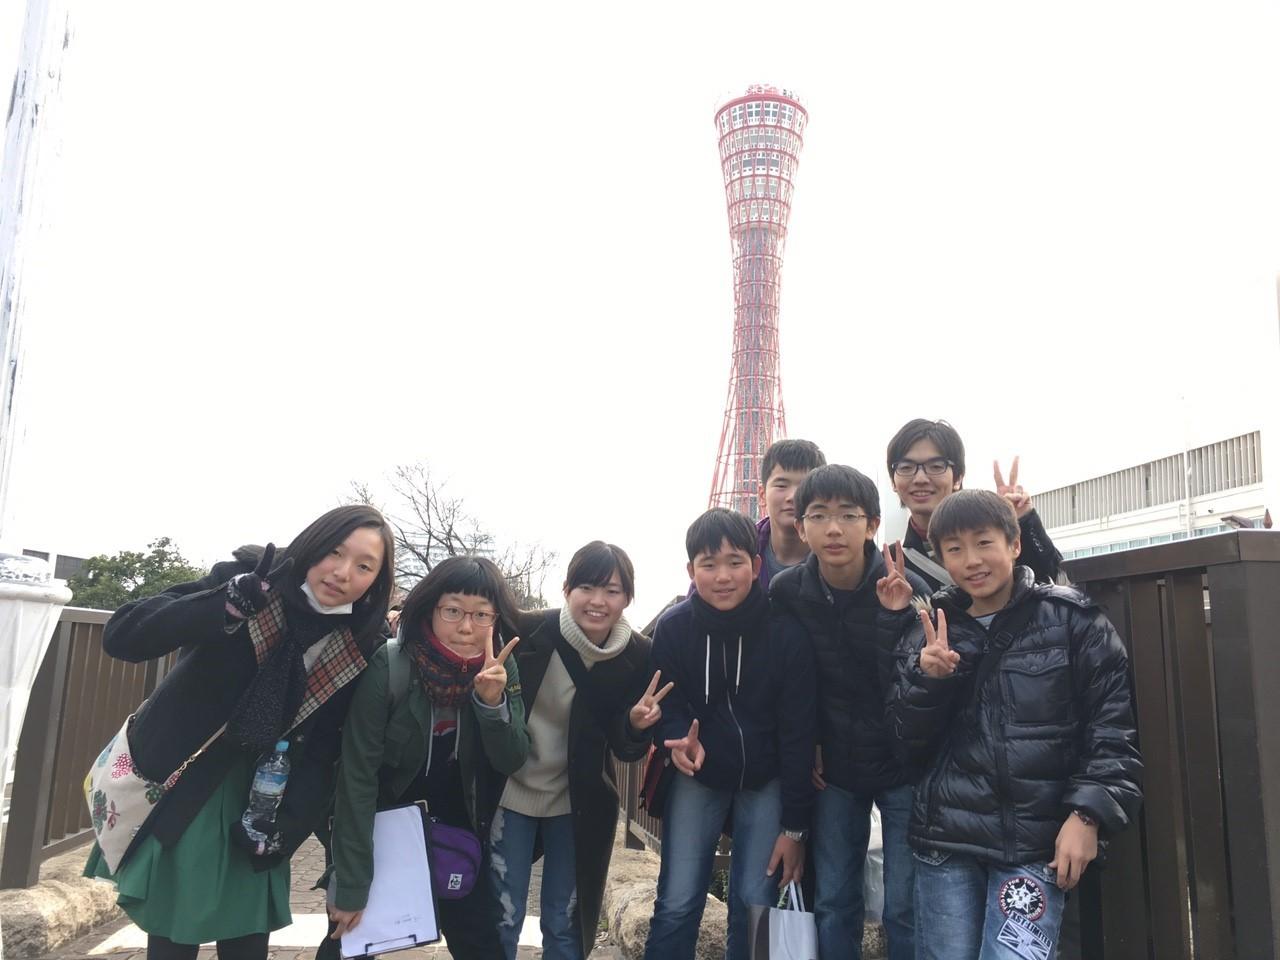 0111 県外旅行3日目!_2482.jpg